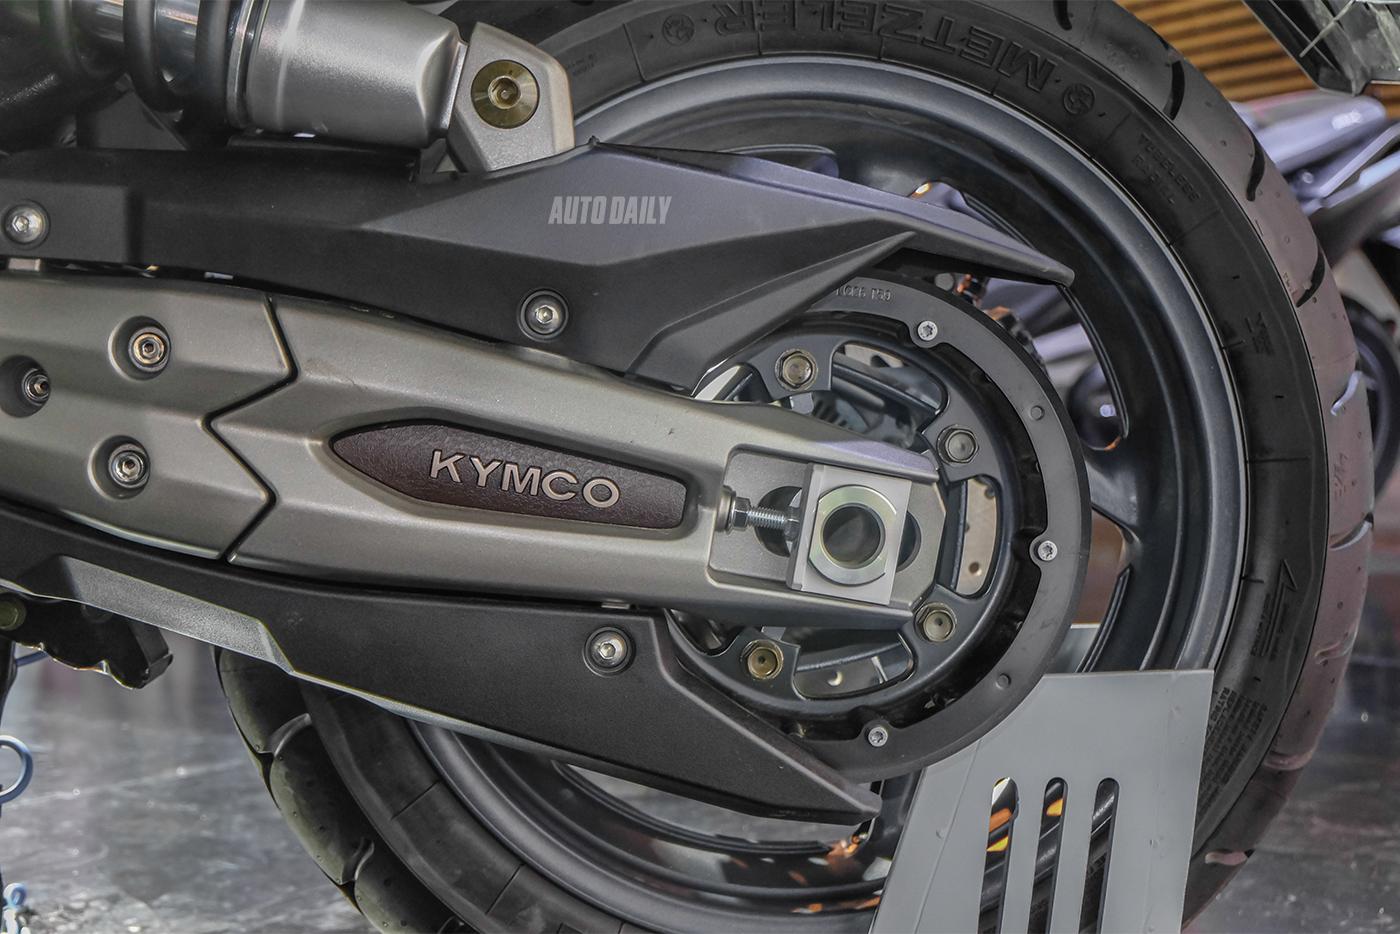 kymco-ak550-28.jpg